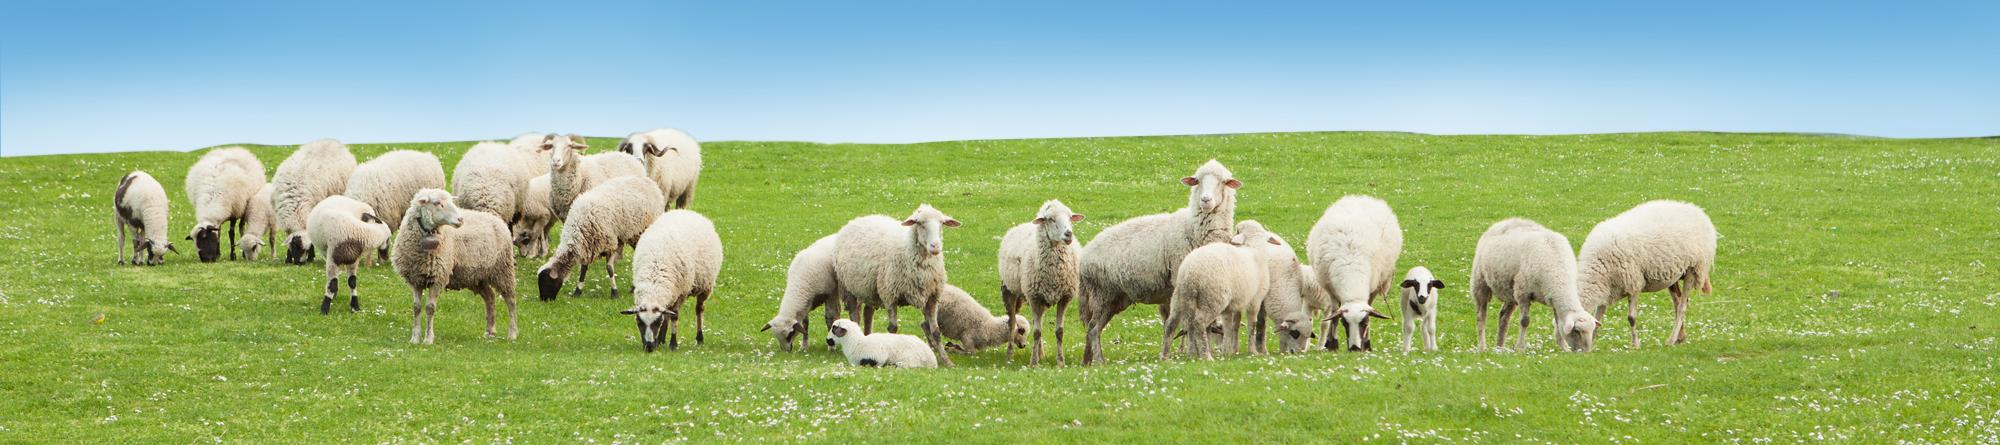 Sheeplac